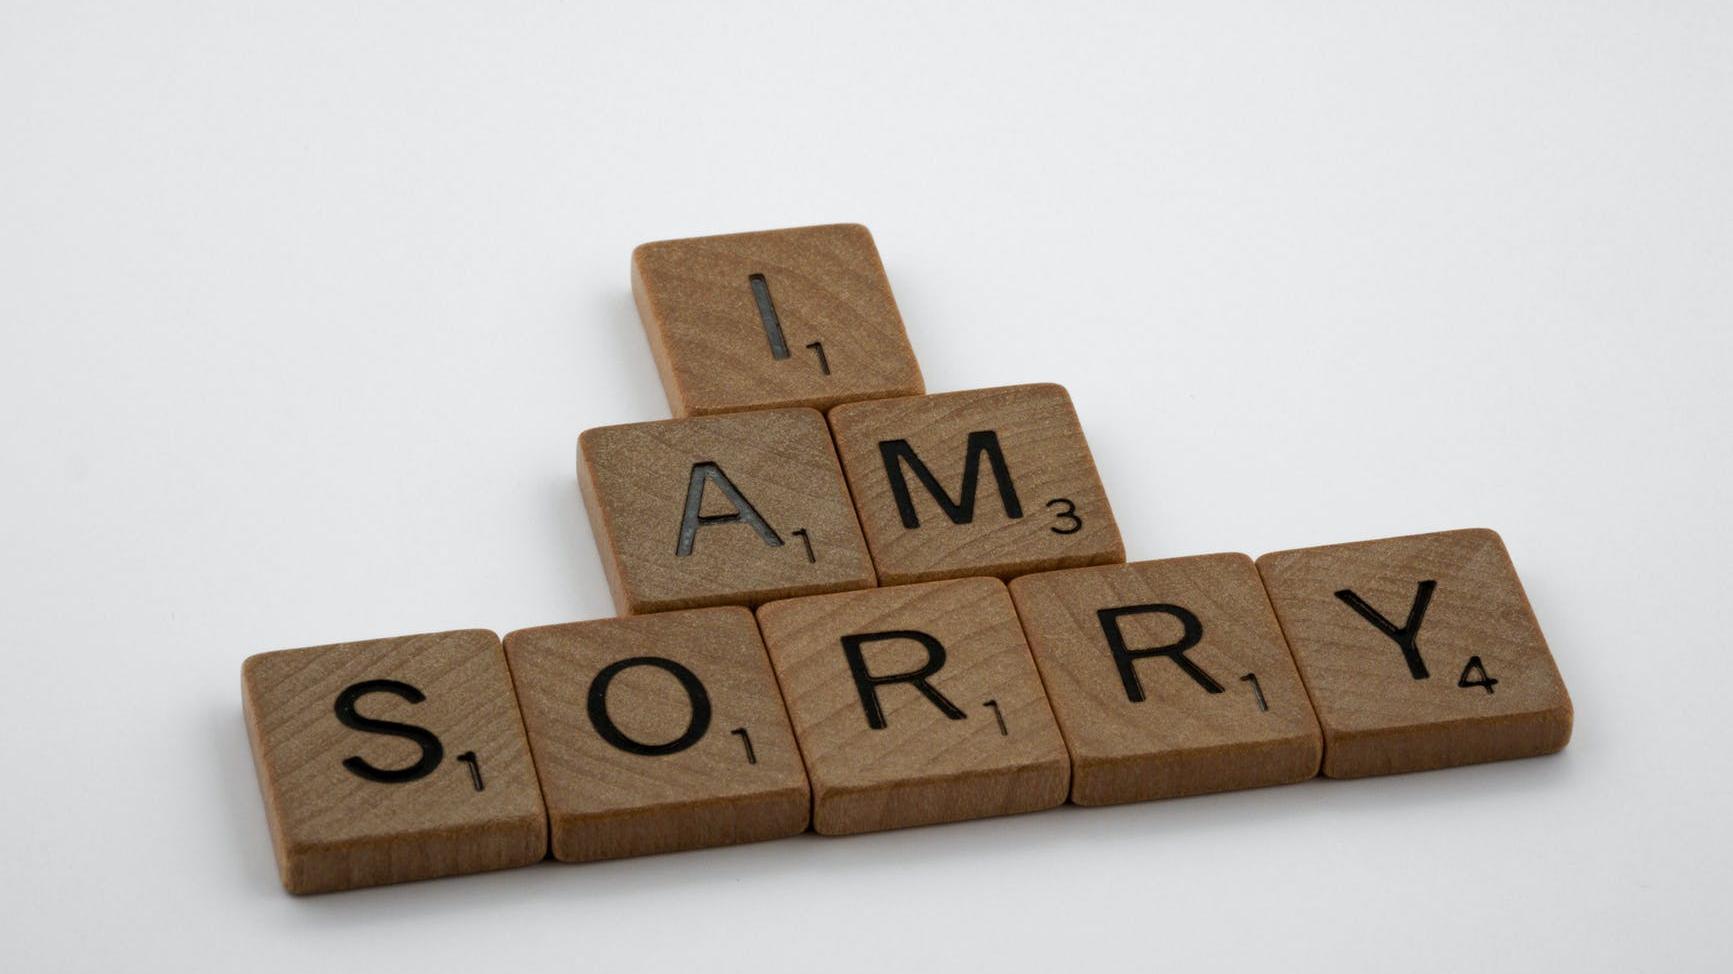 Eine Entschuldigung an einen Freund sollte stets aufrichtig gemeint sein.